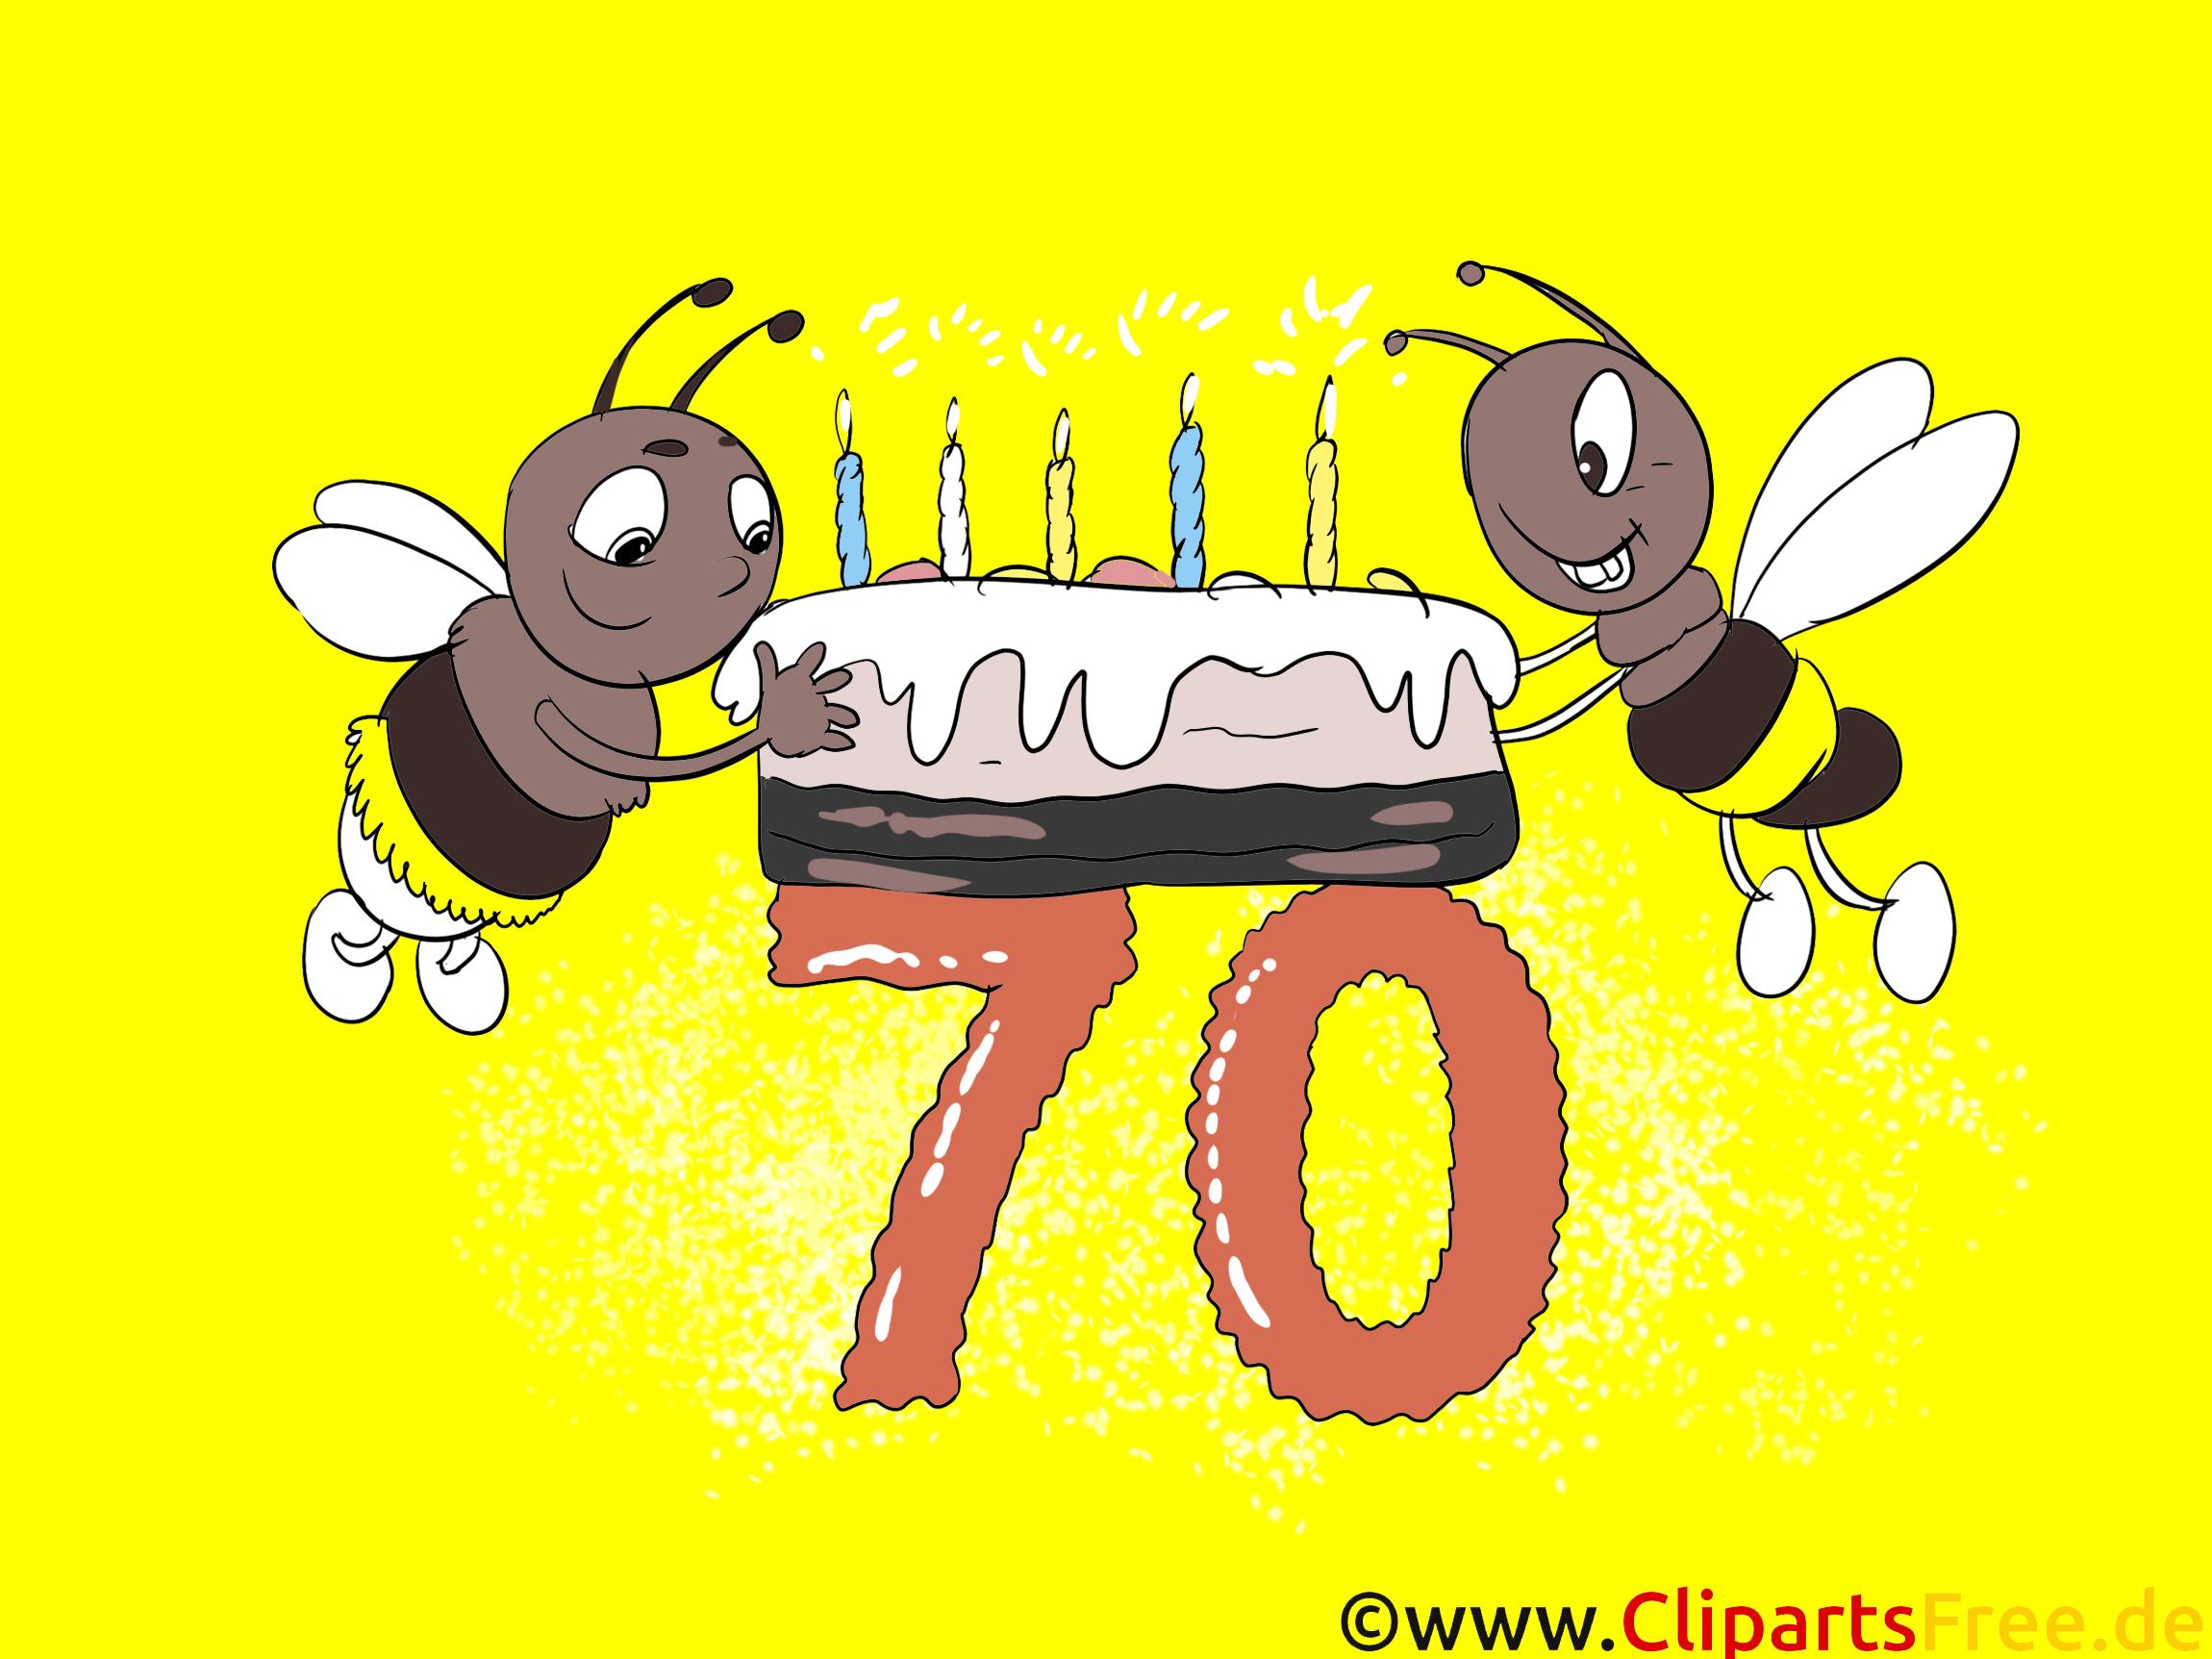 Geburtstagskarten Gluckwunsche Selbst Gestalten Zum 70 Geburtstag